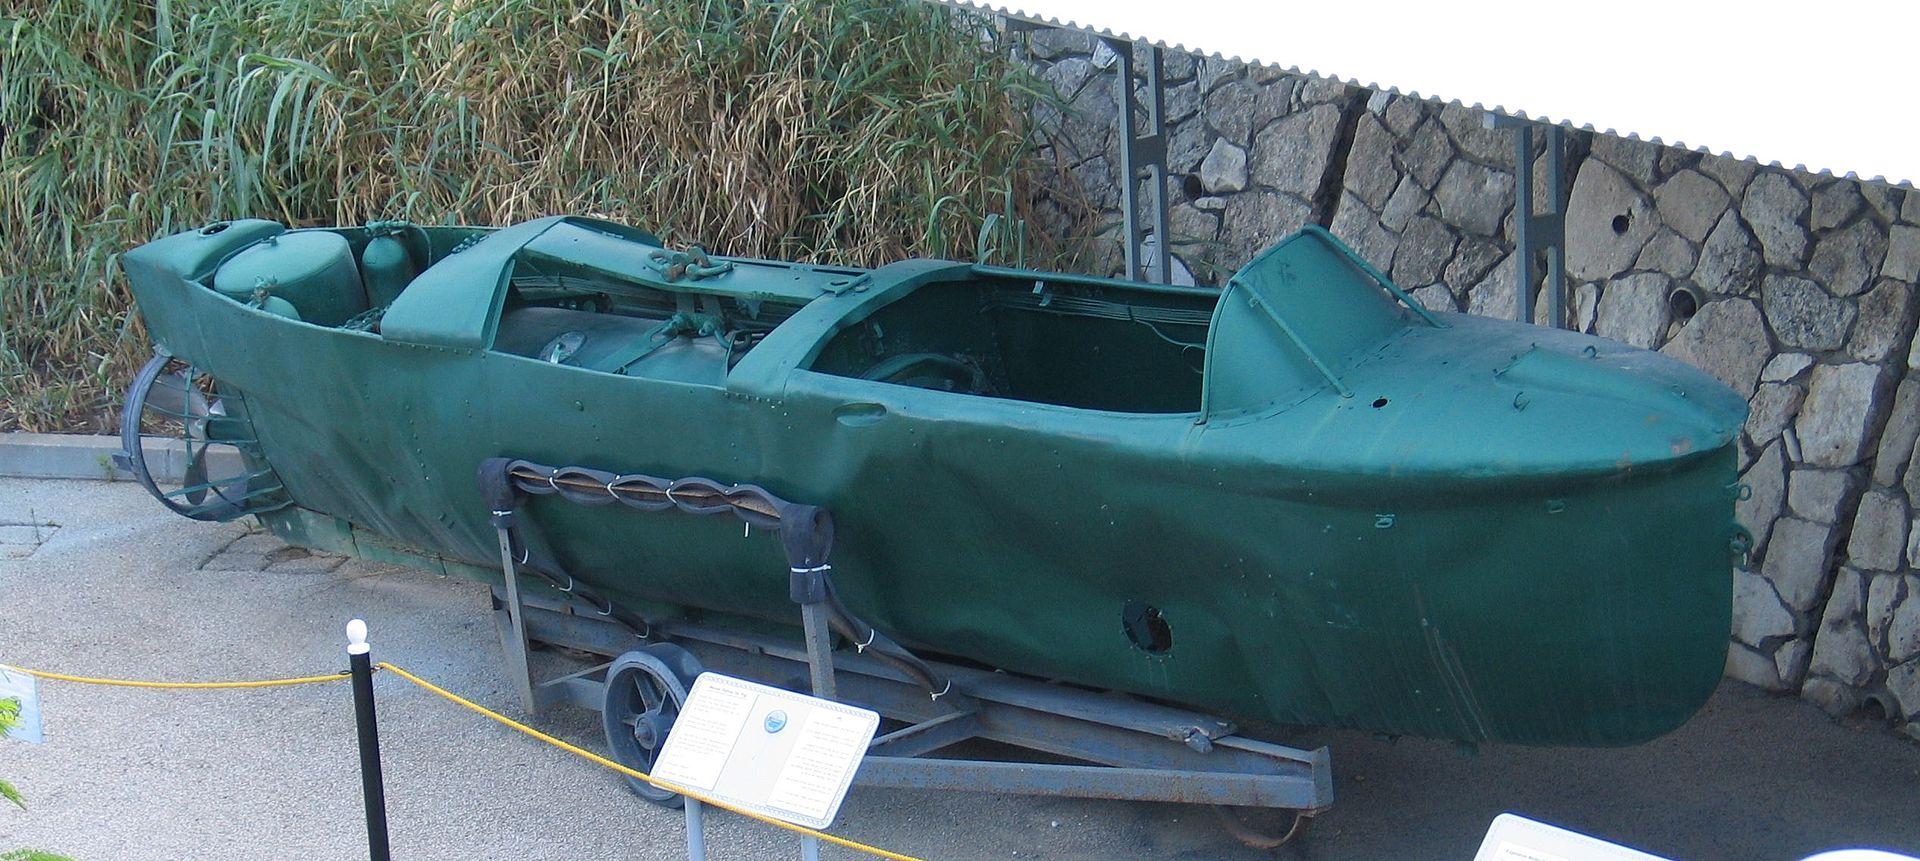 Lo sviluppo dei Swimmer Delivery Vehicle (SDV) nel dopo guerra (ISRAELE-SUD COREA) - parte III